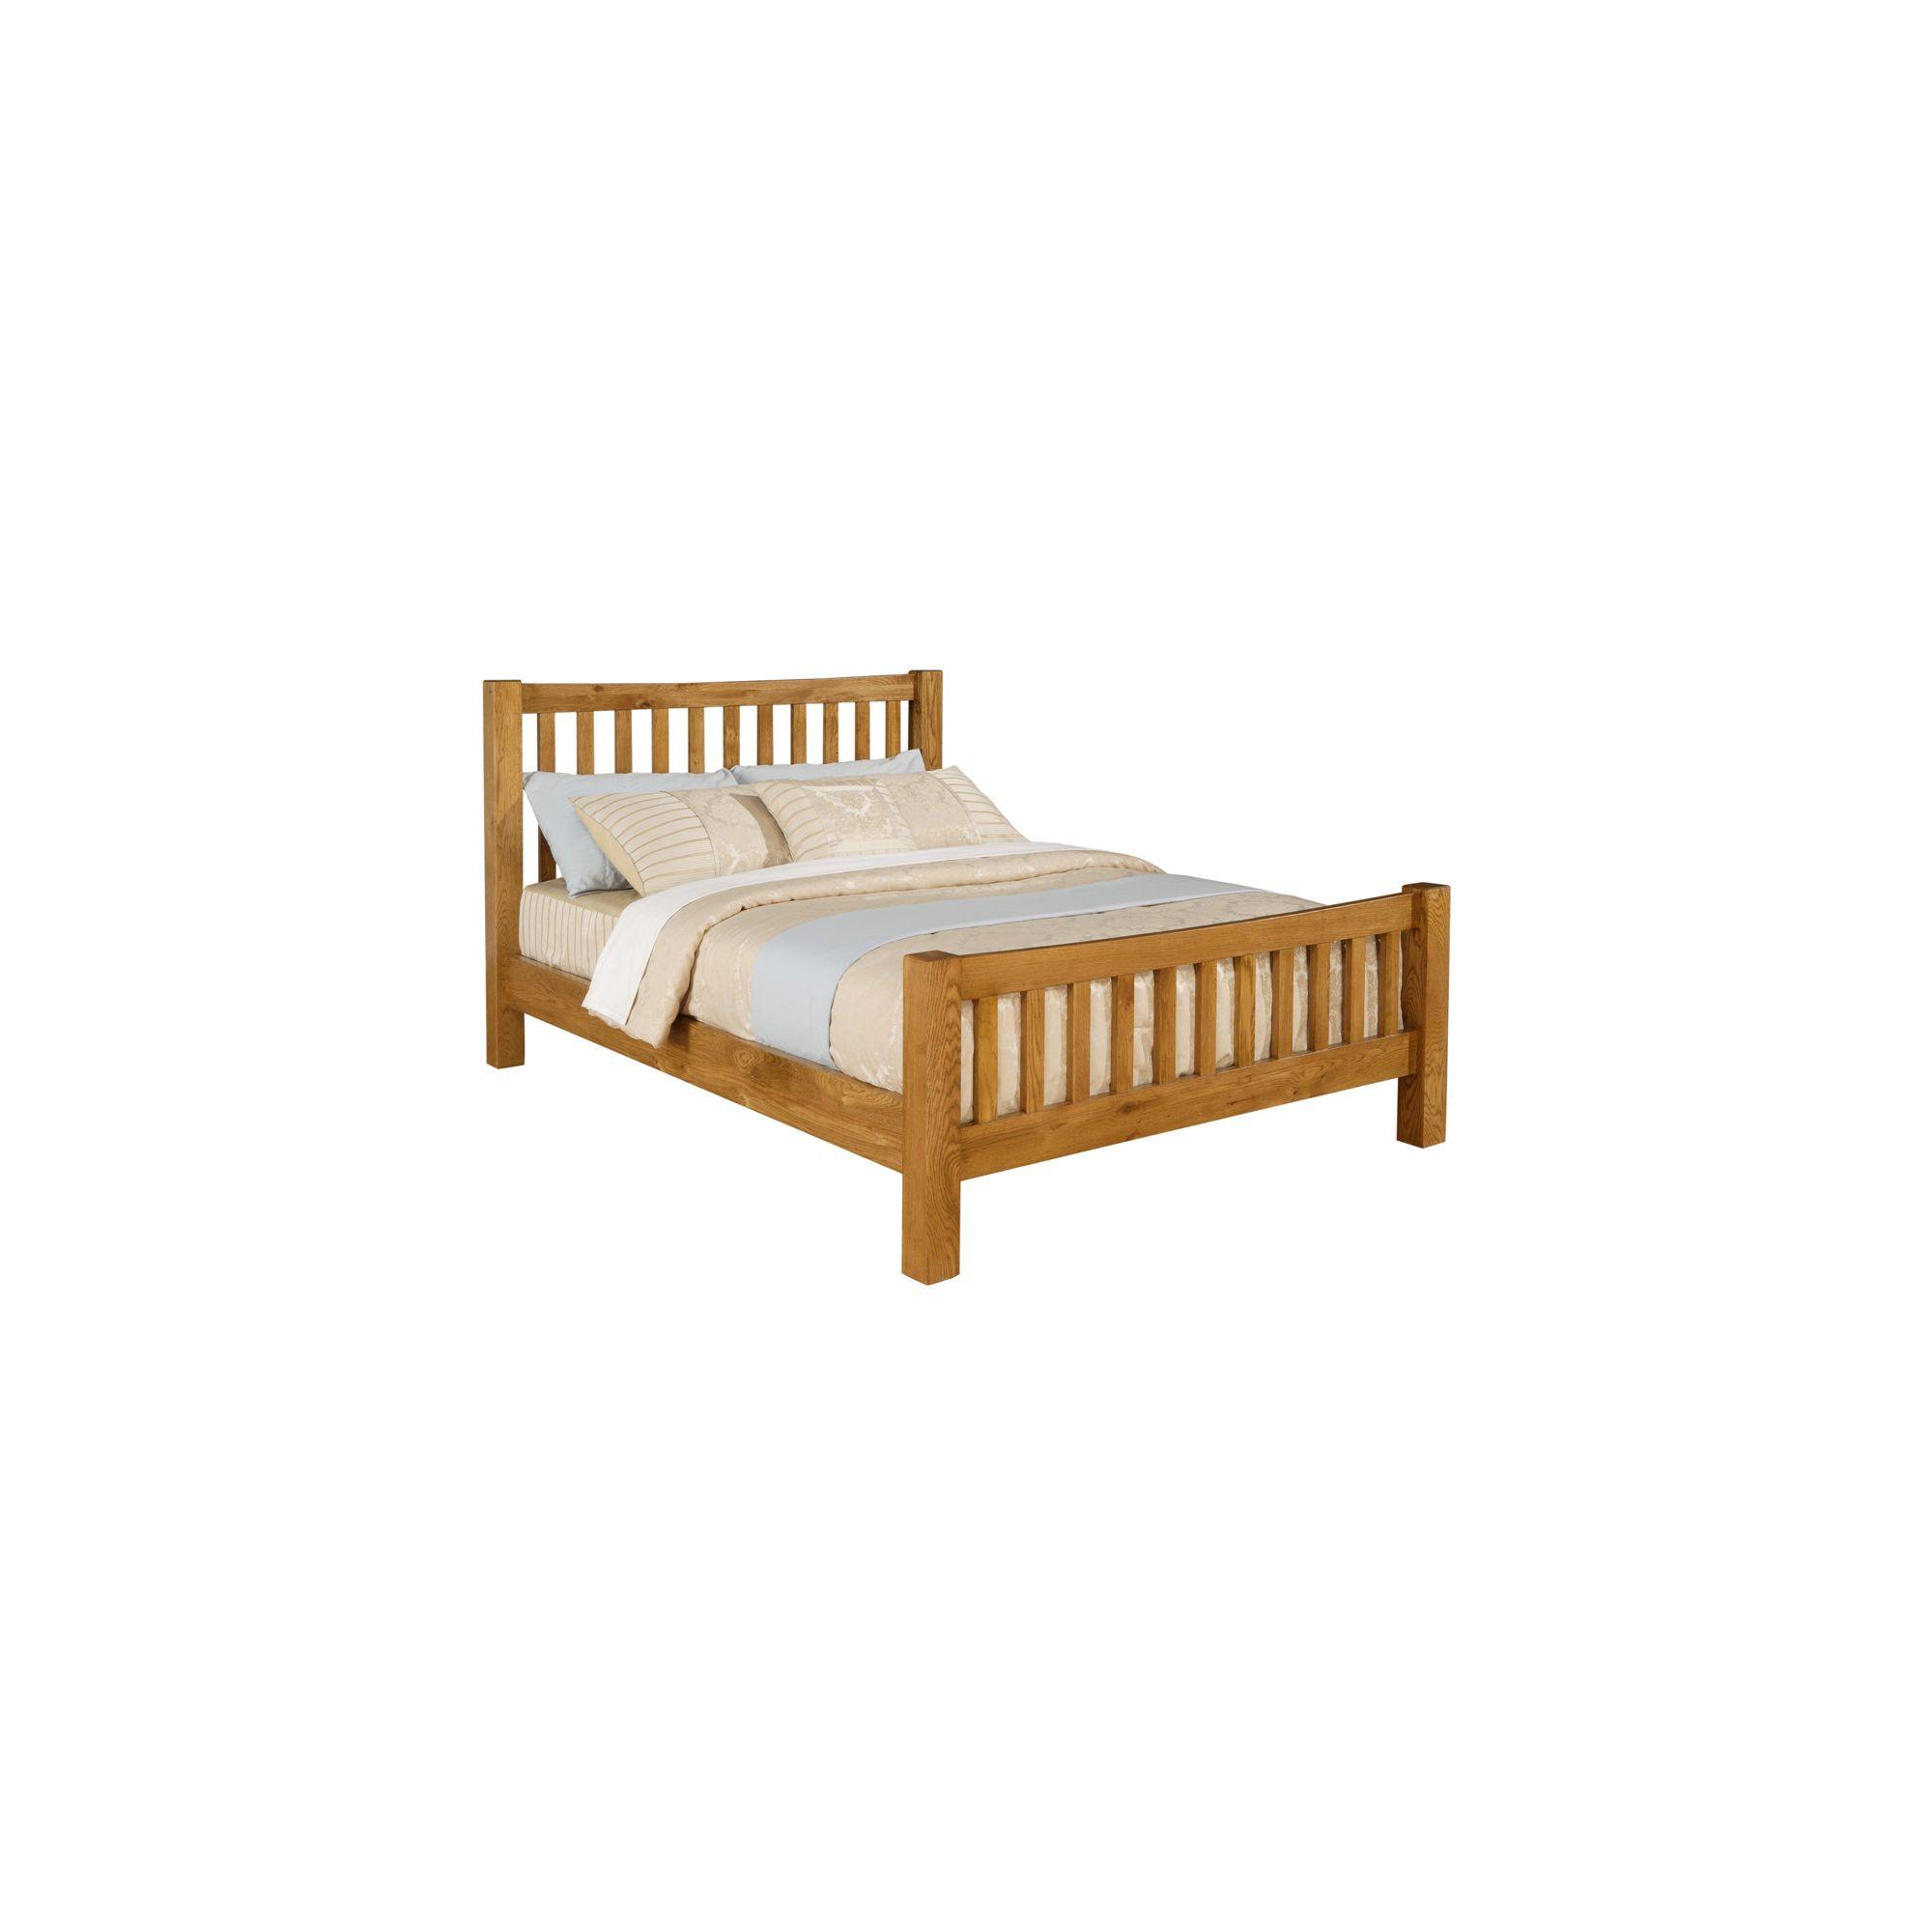 Altruna Denver Bed Frame - King at Tesco Direct